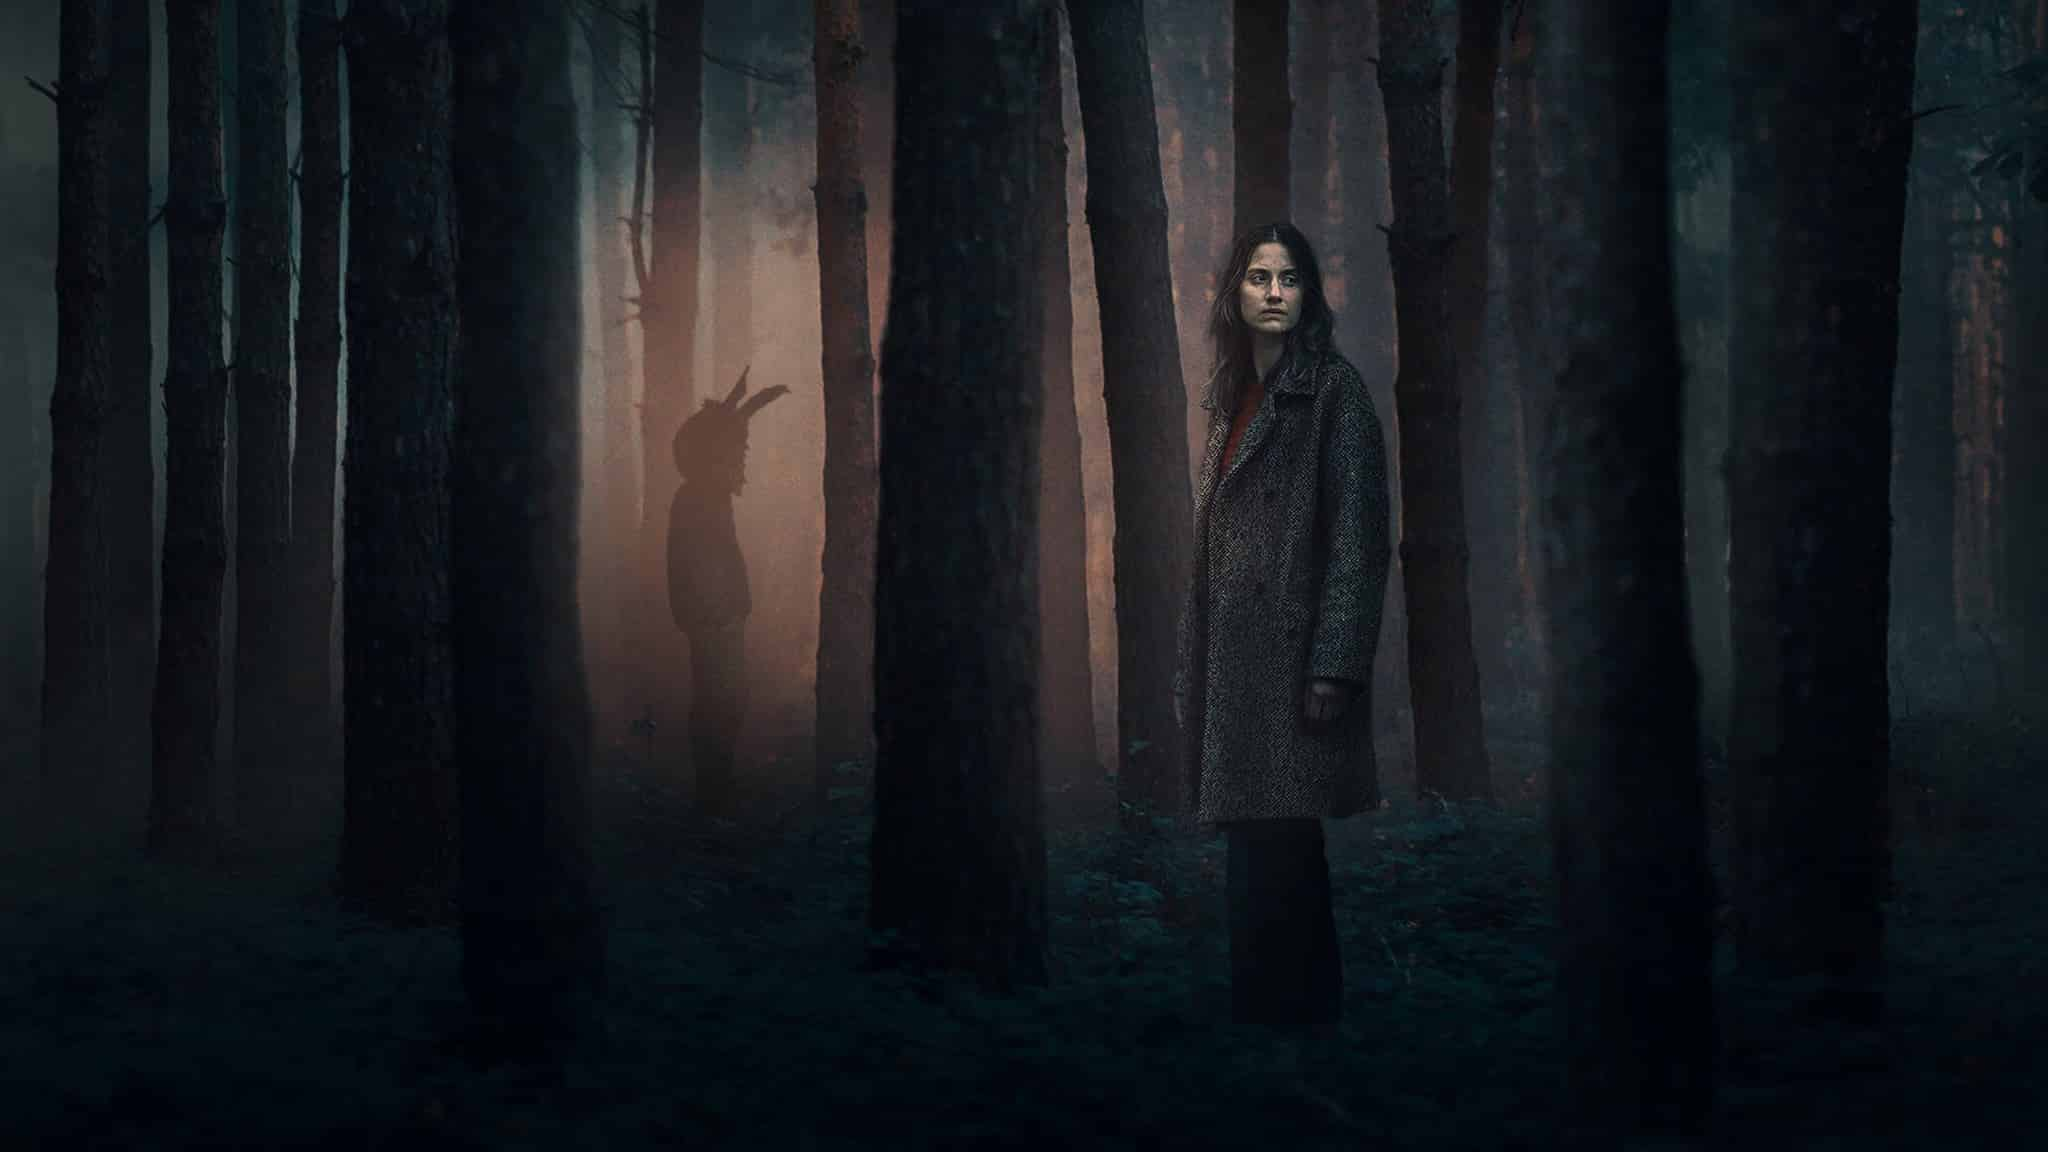 Netflix renouvellera-t-il Equinox pour une autre saison mystérieusement palpitante ? 37